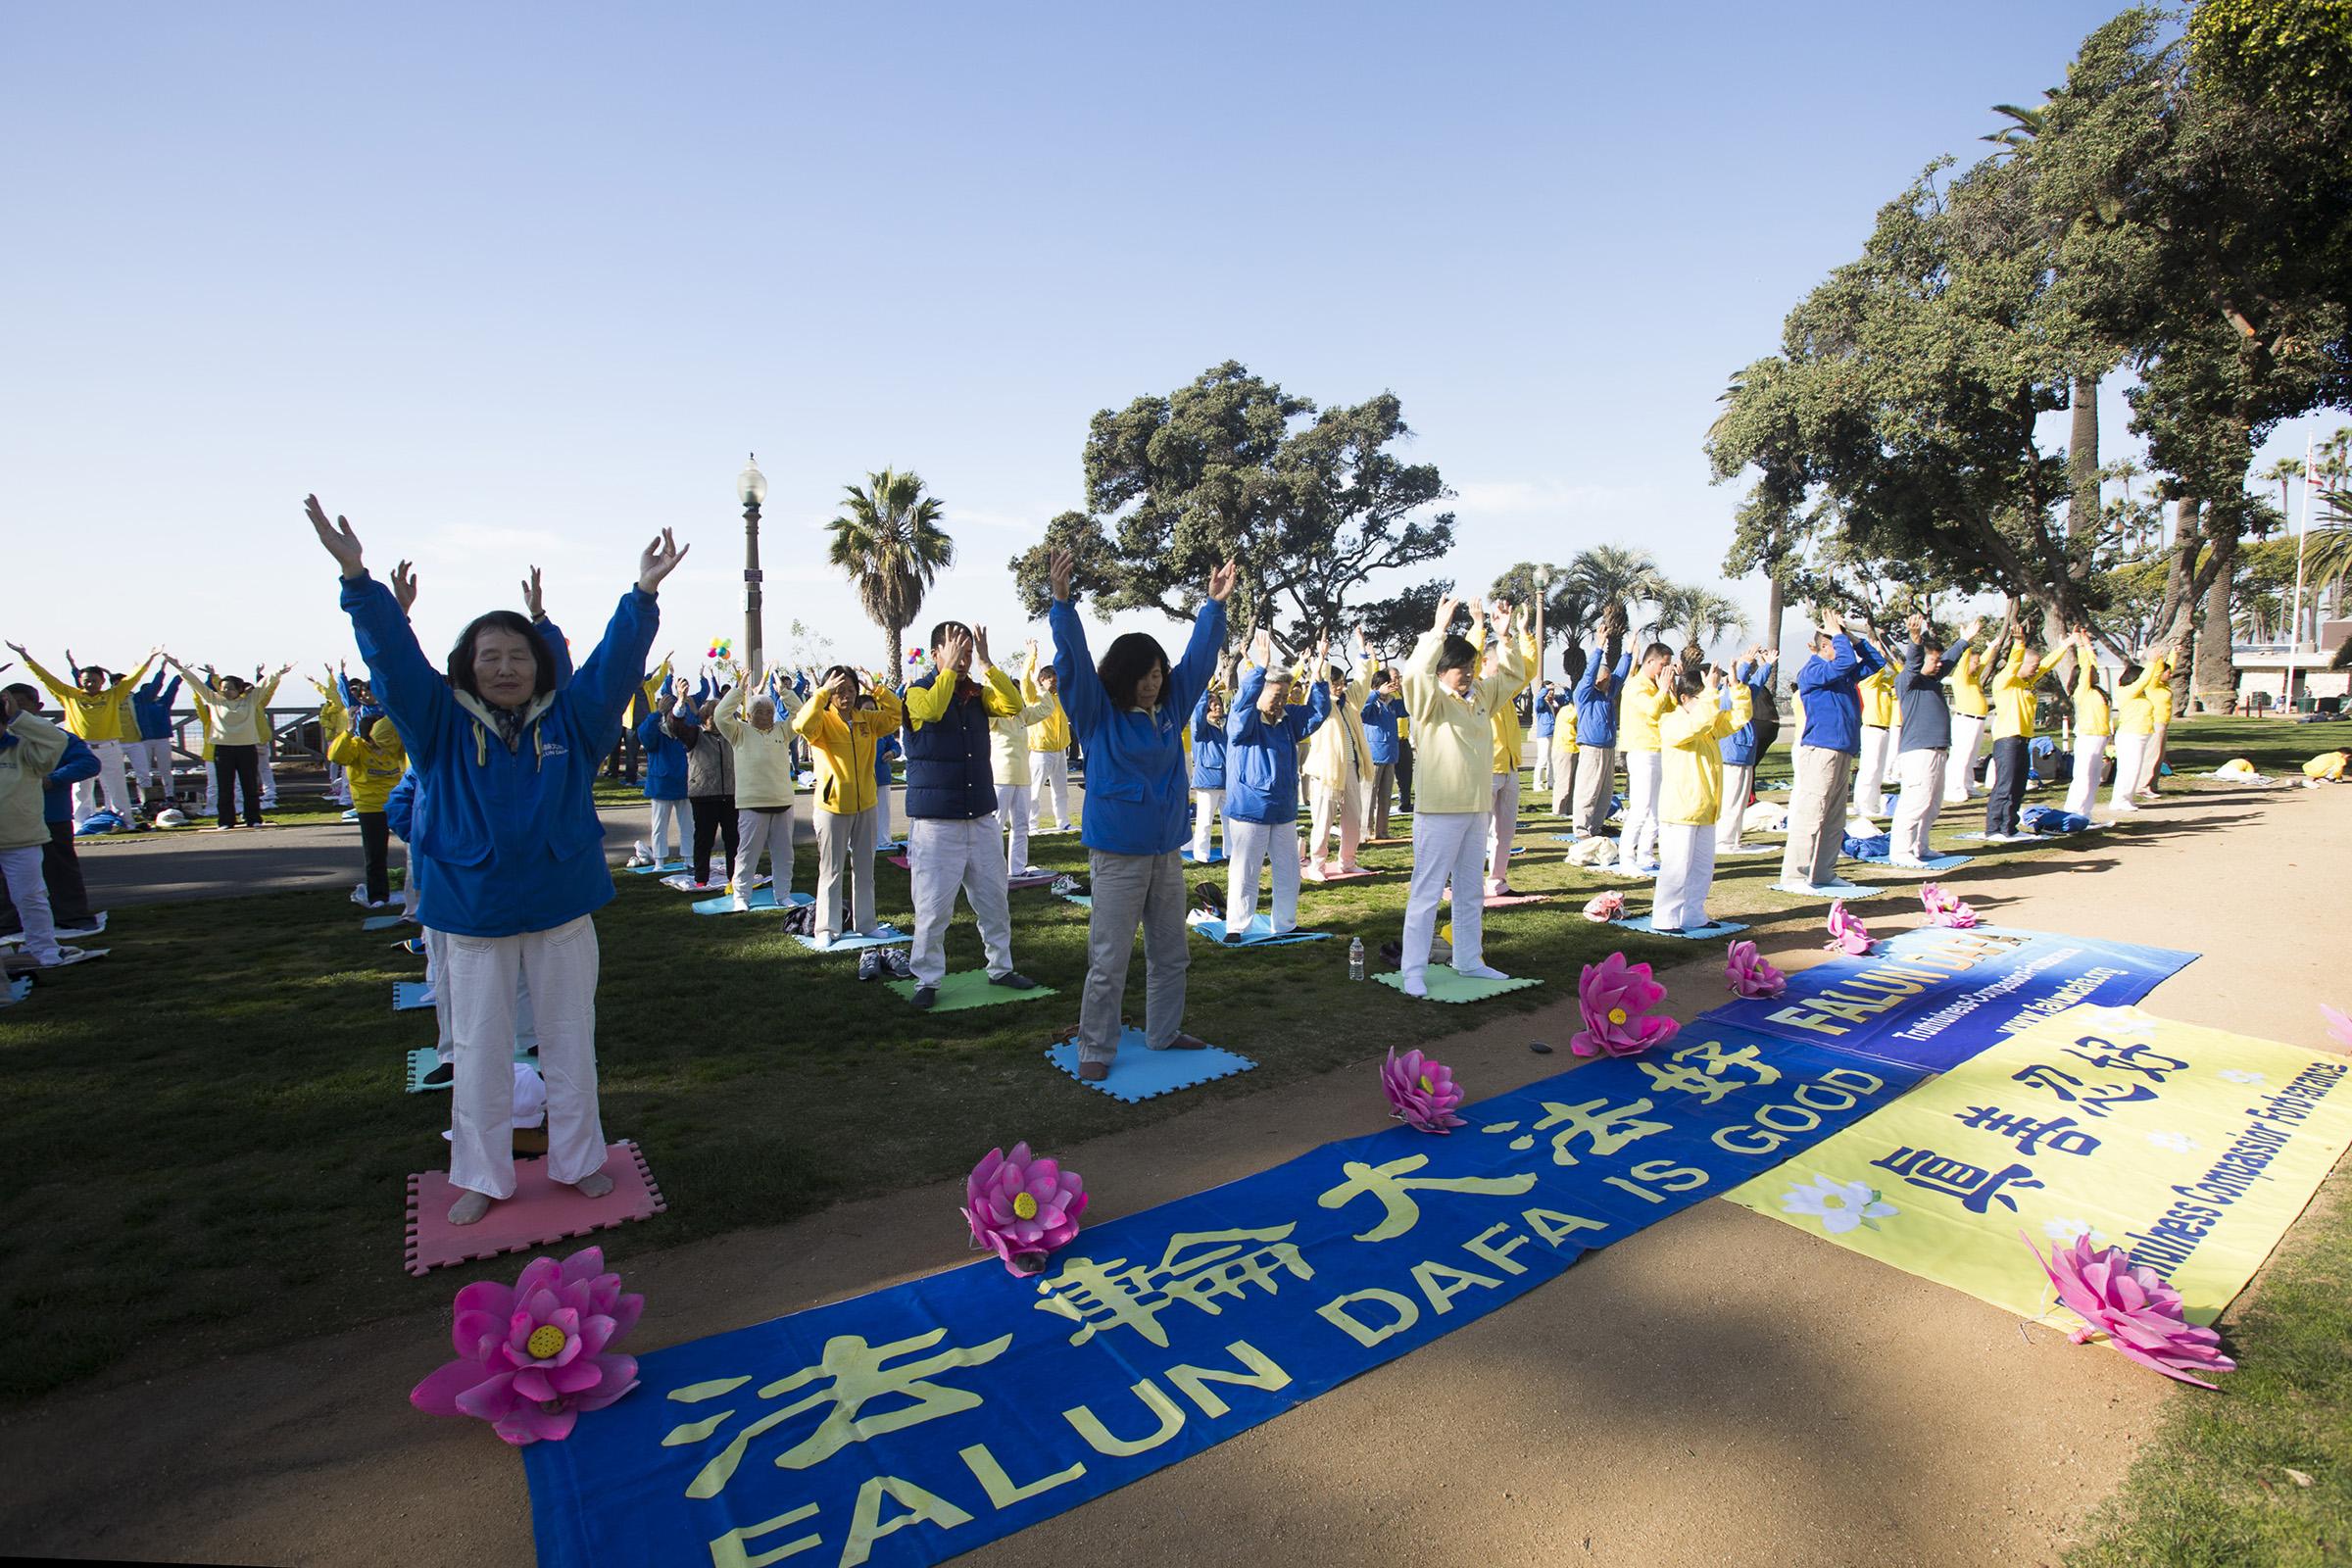 12月16日(周日),洛杉磯數百名法輪大法學員齊聚聖莫妮卡(Santa Monica)海灘集體煉功。(季媛/大紀元)